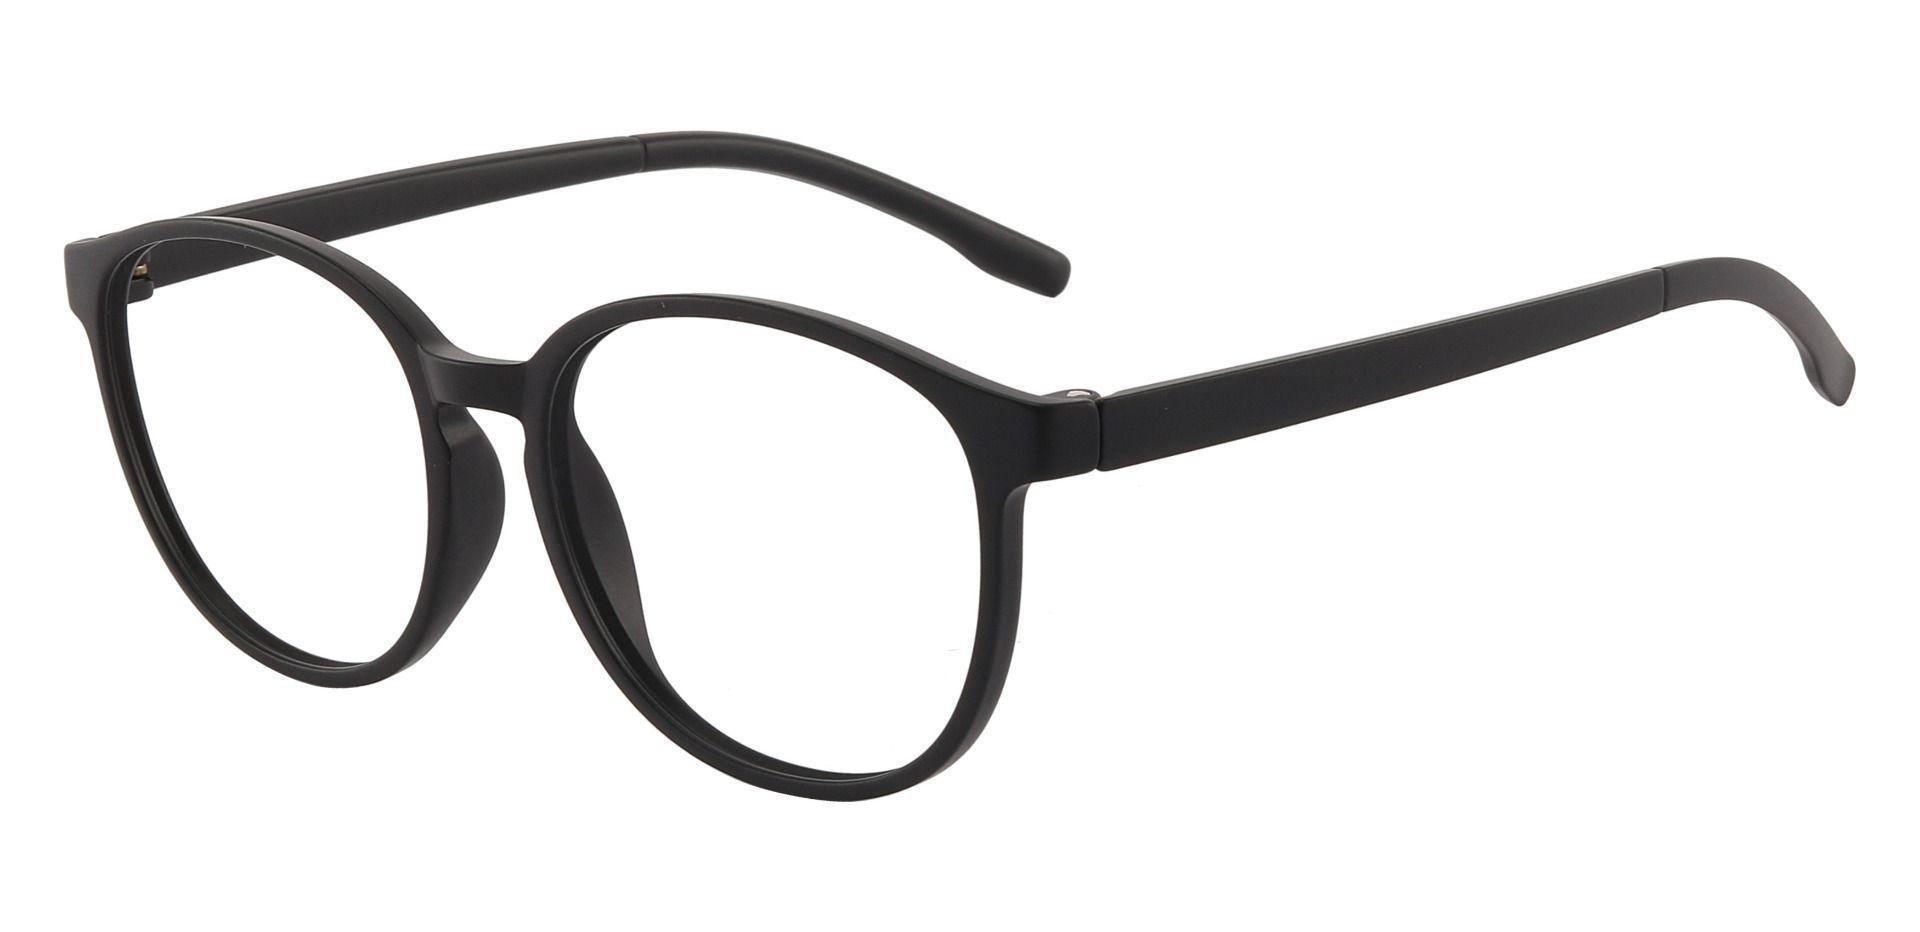 Molasses Oval Prescription Glasses - Black